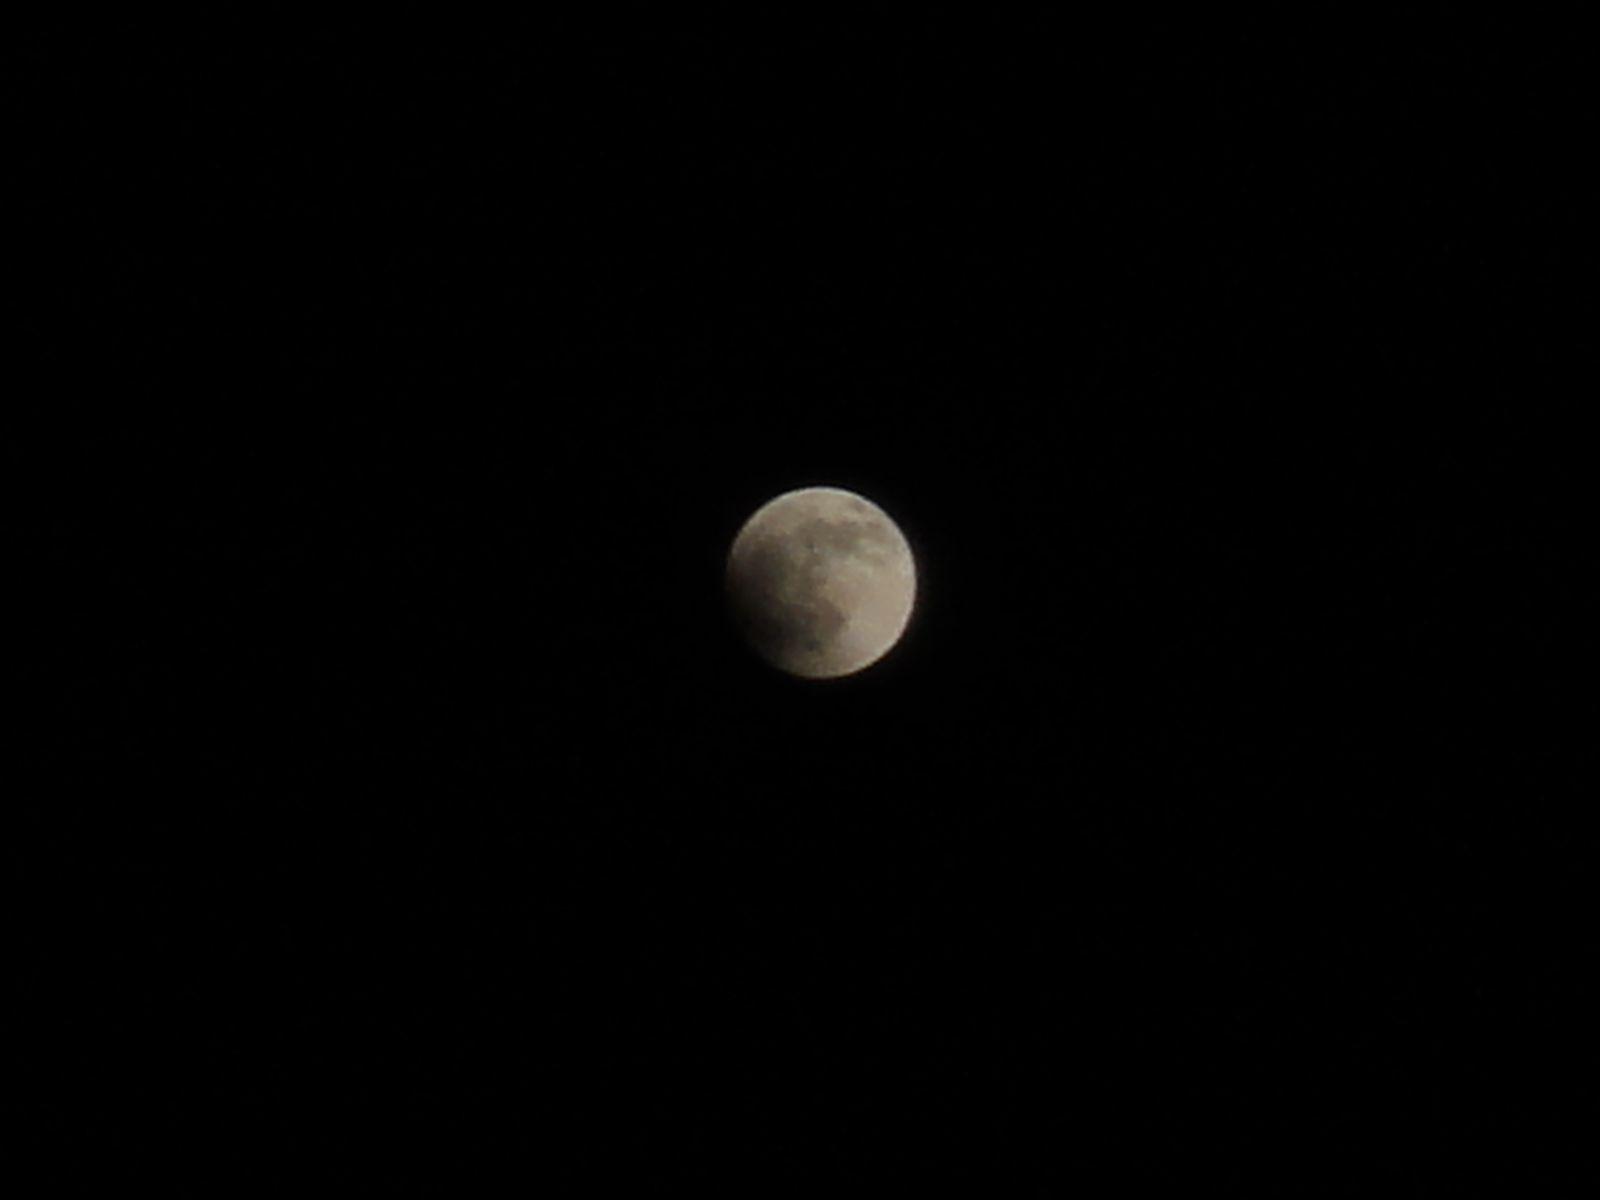 lunar_eclipse_008.jpg